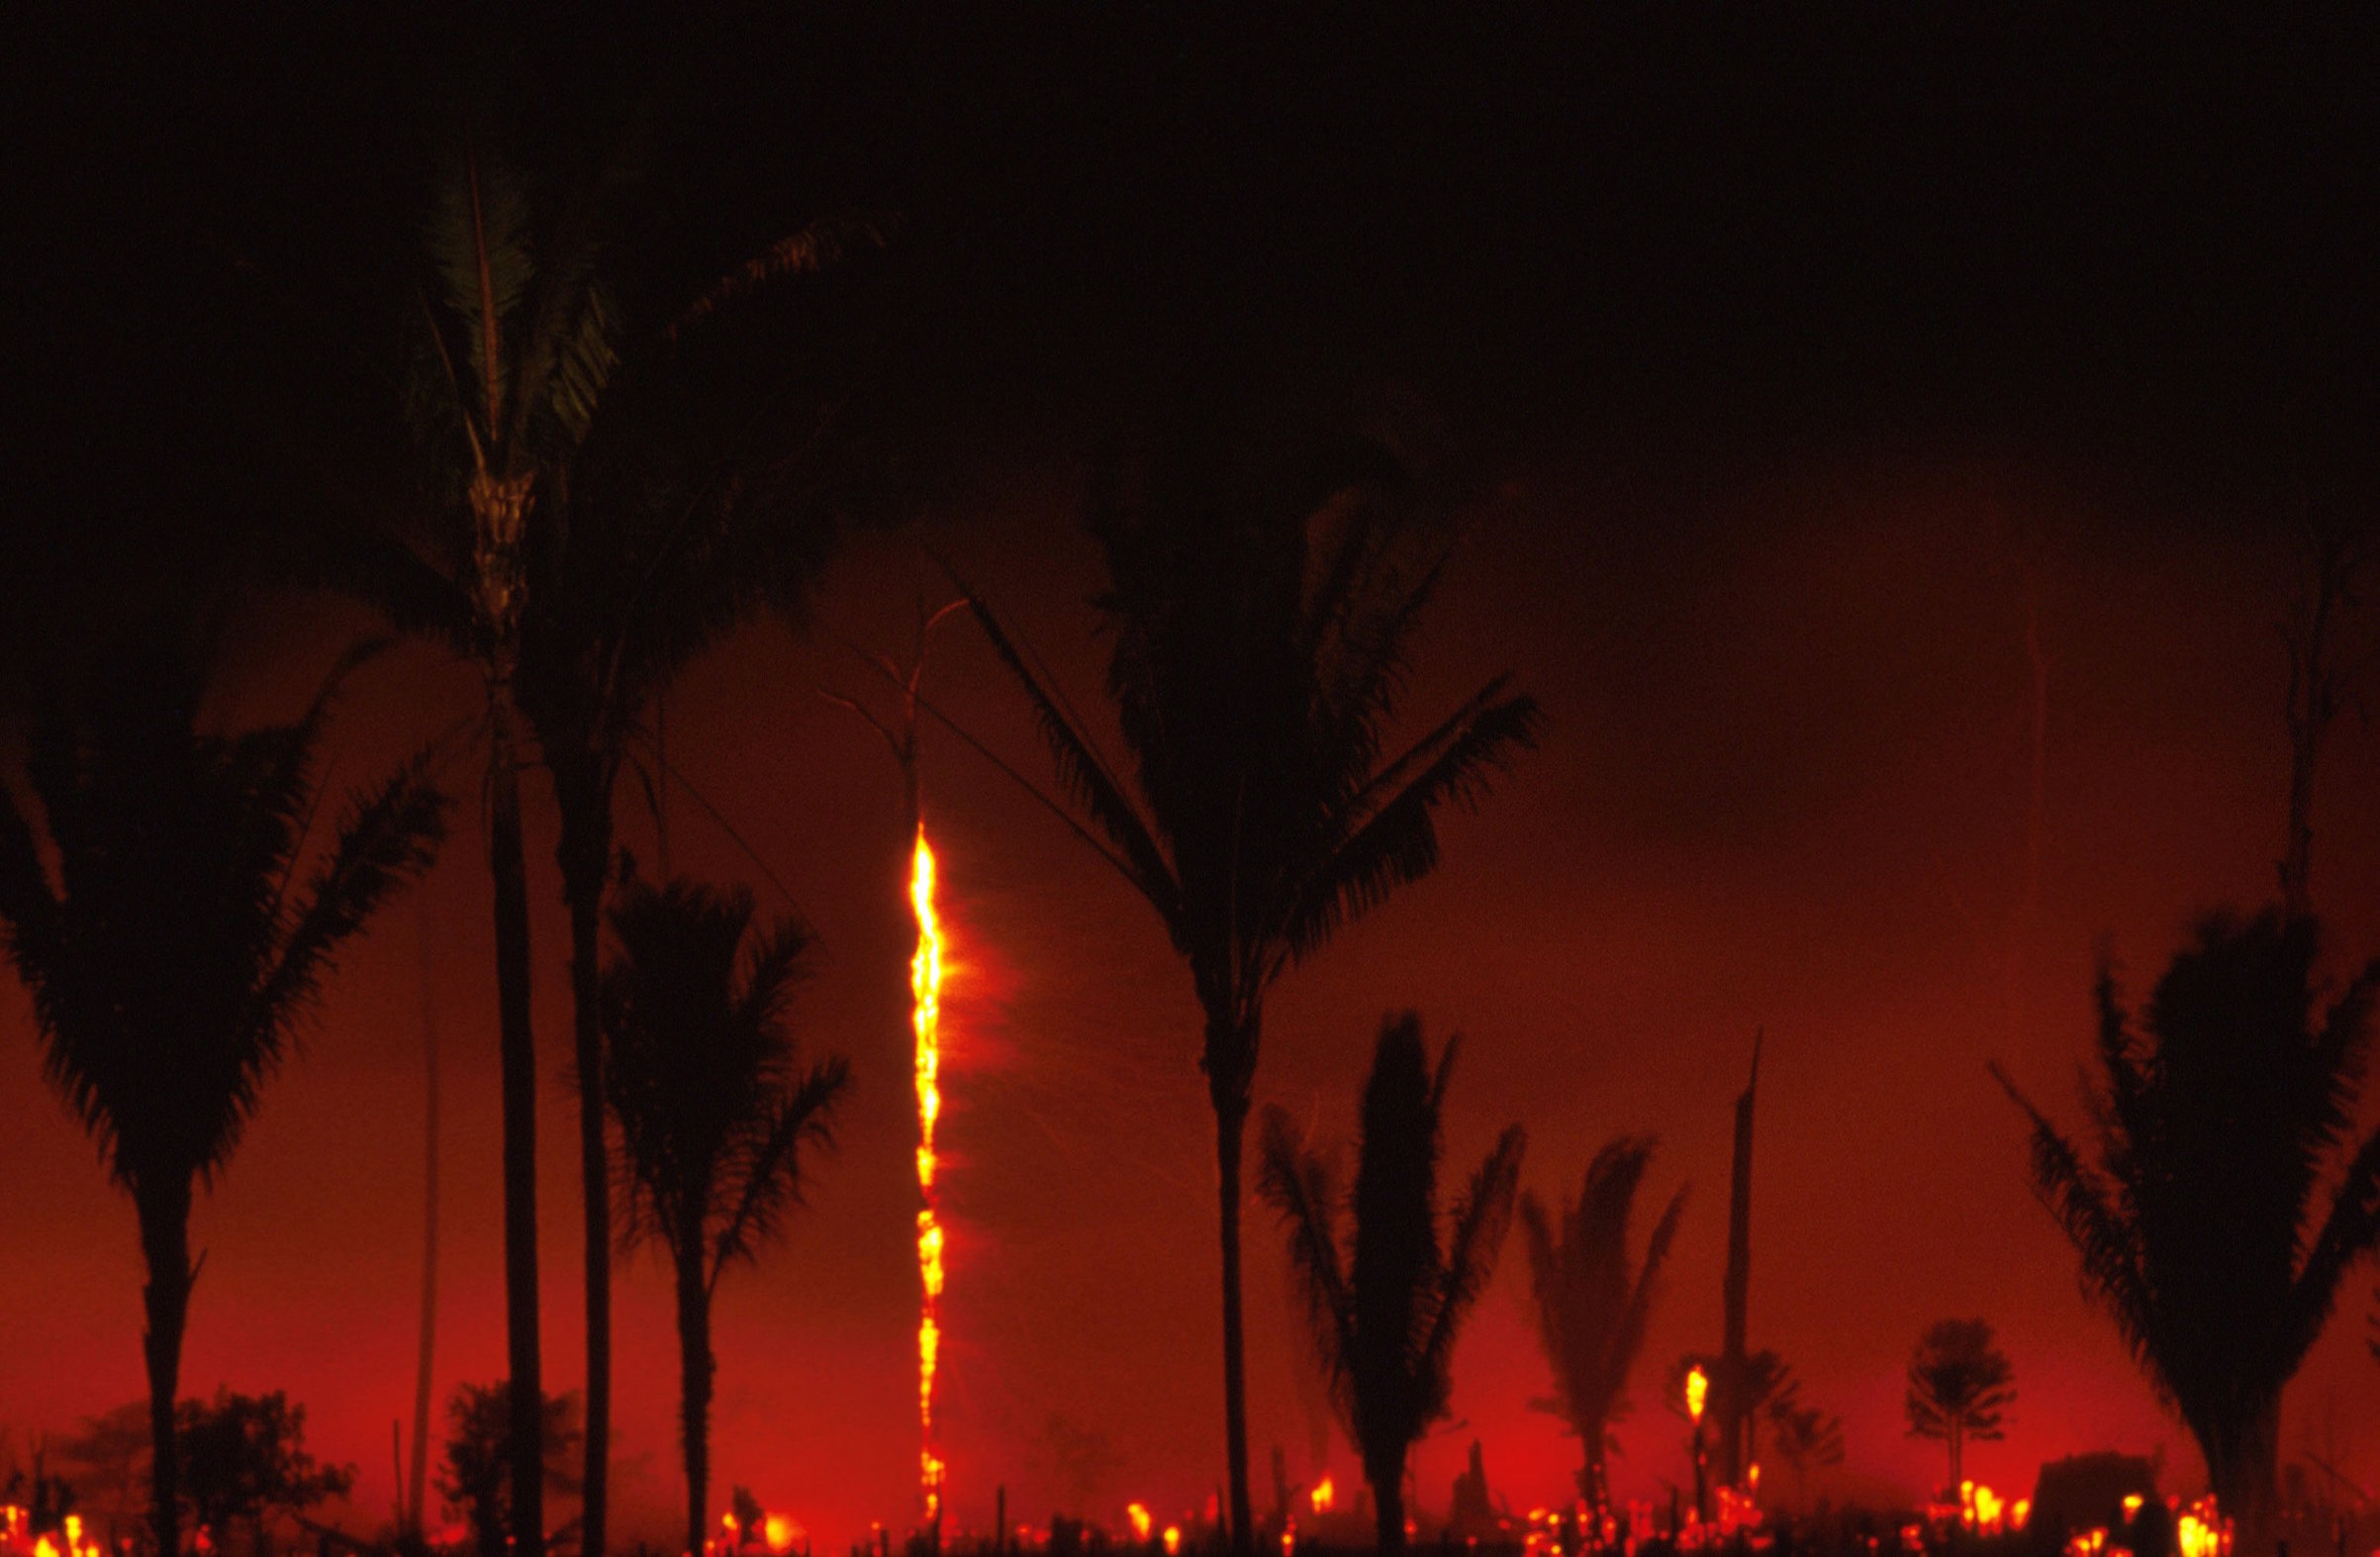 A fire in Amazonia, Brazil, in August, 1989